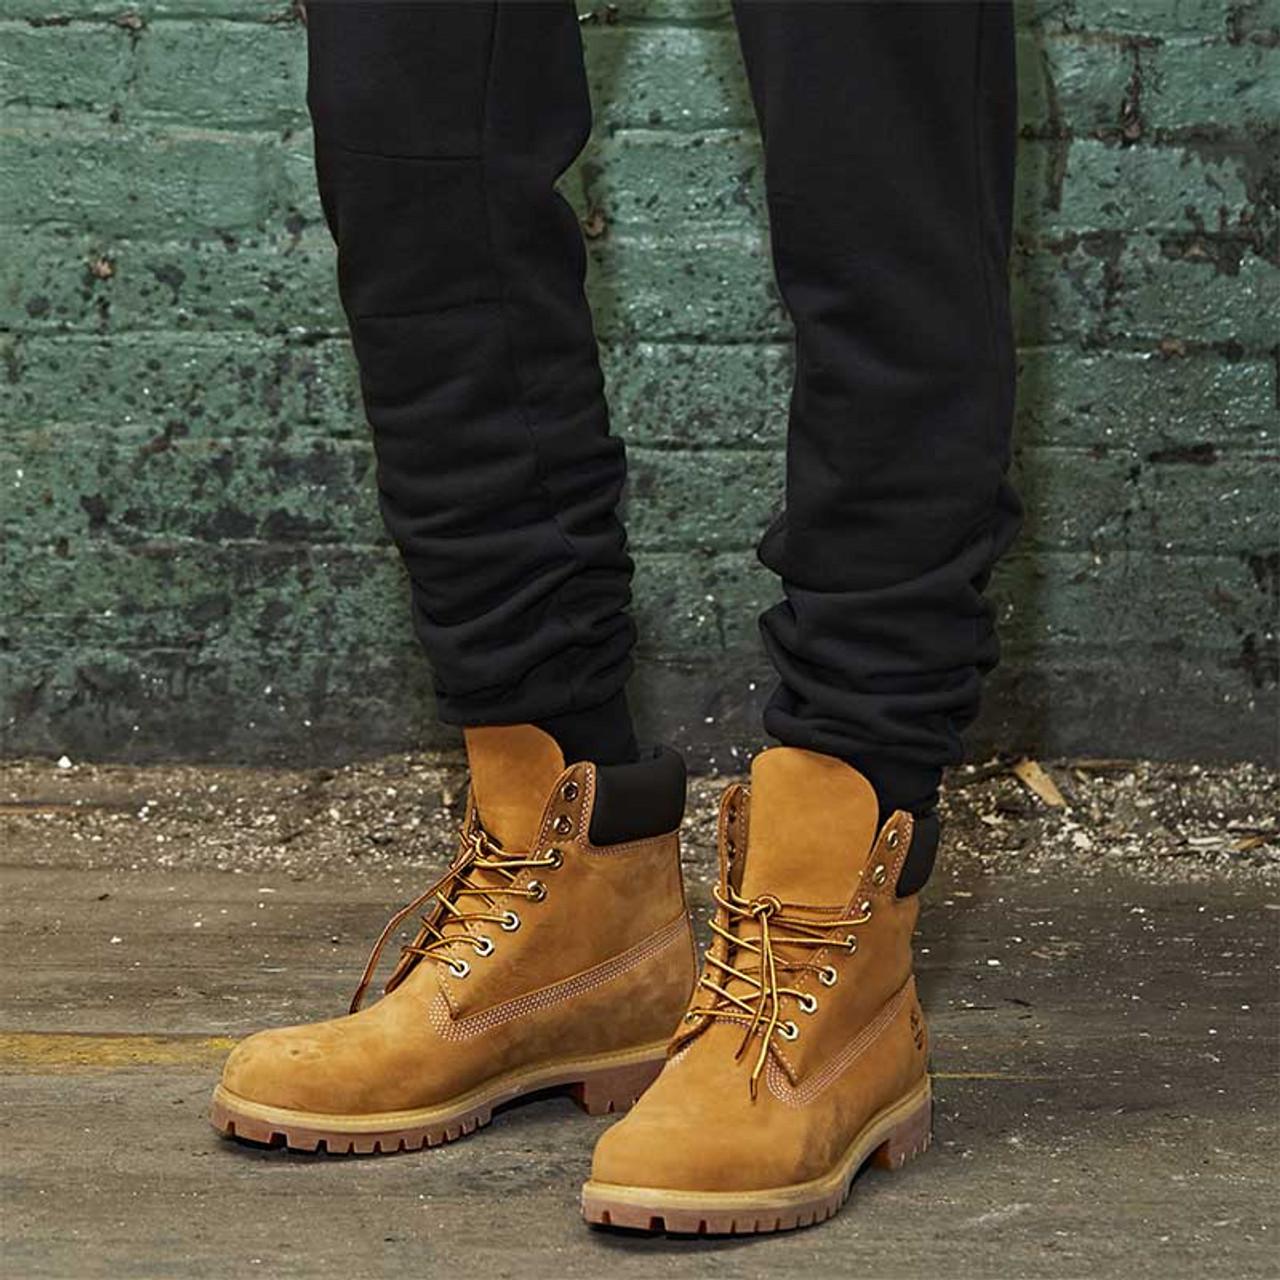 släpp information om bästa valet senaste rabatt Timberland 10061 ICON Premium Leather Work Boots - Family Footwear ...